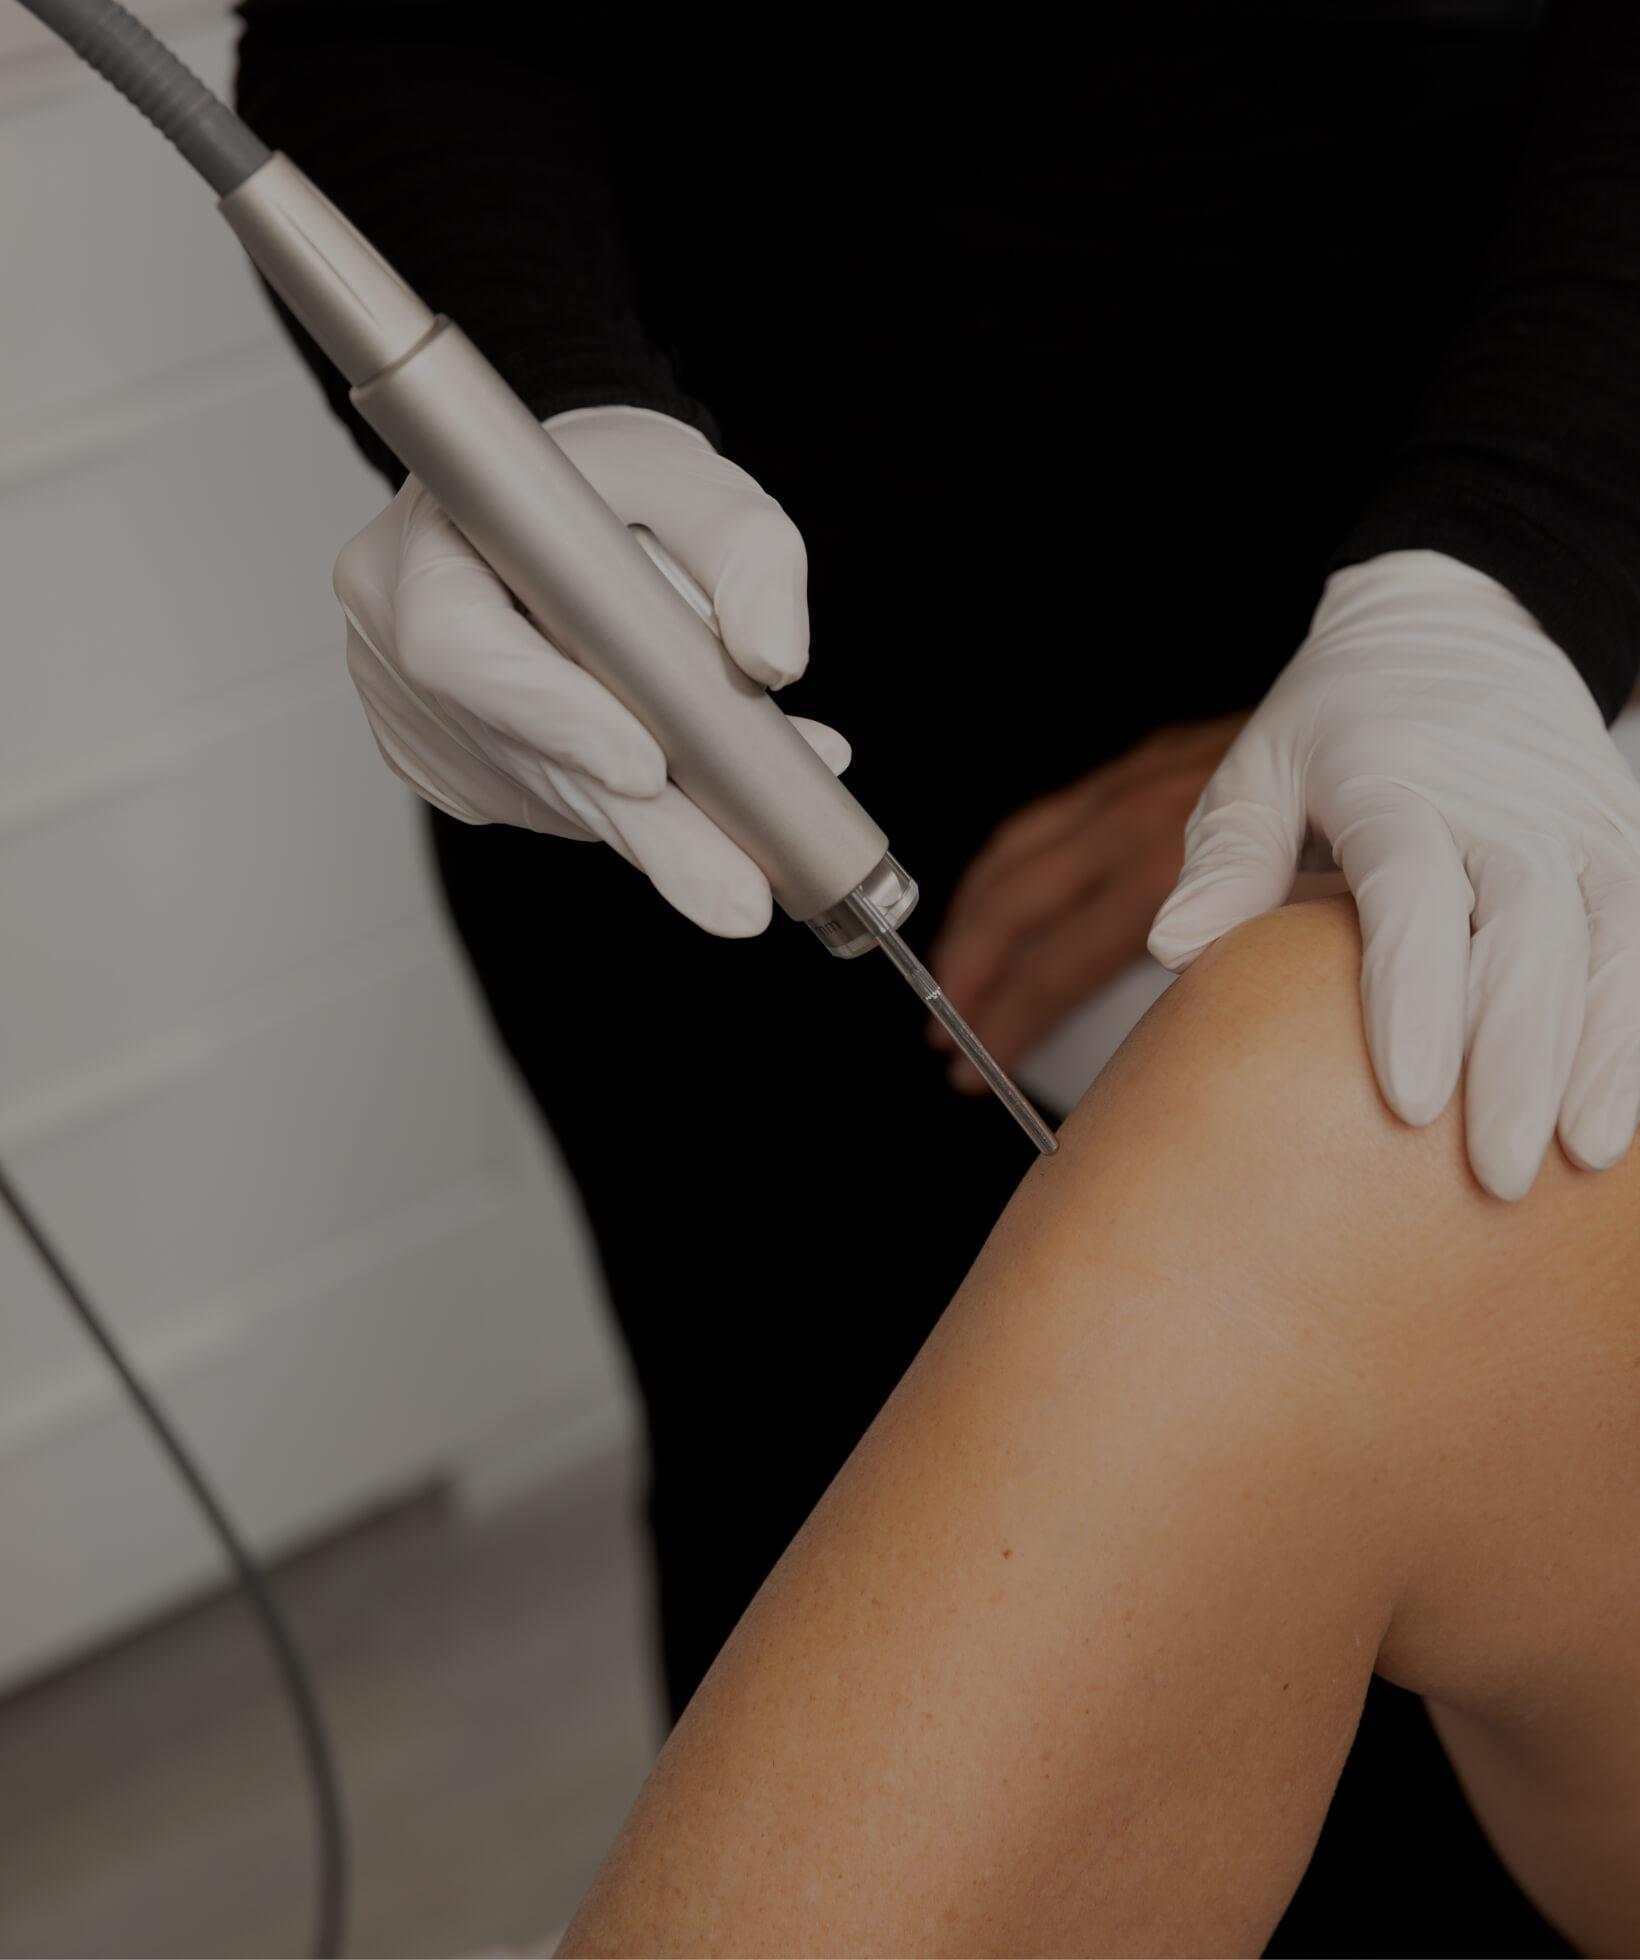 Une technicienne de la Clinique Chloé utilisant un laser pour l'épilation permanente des jambes d'une patiente